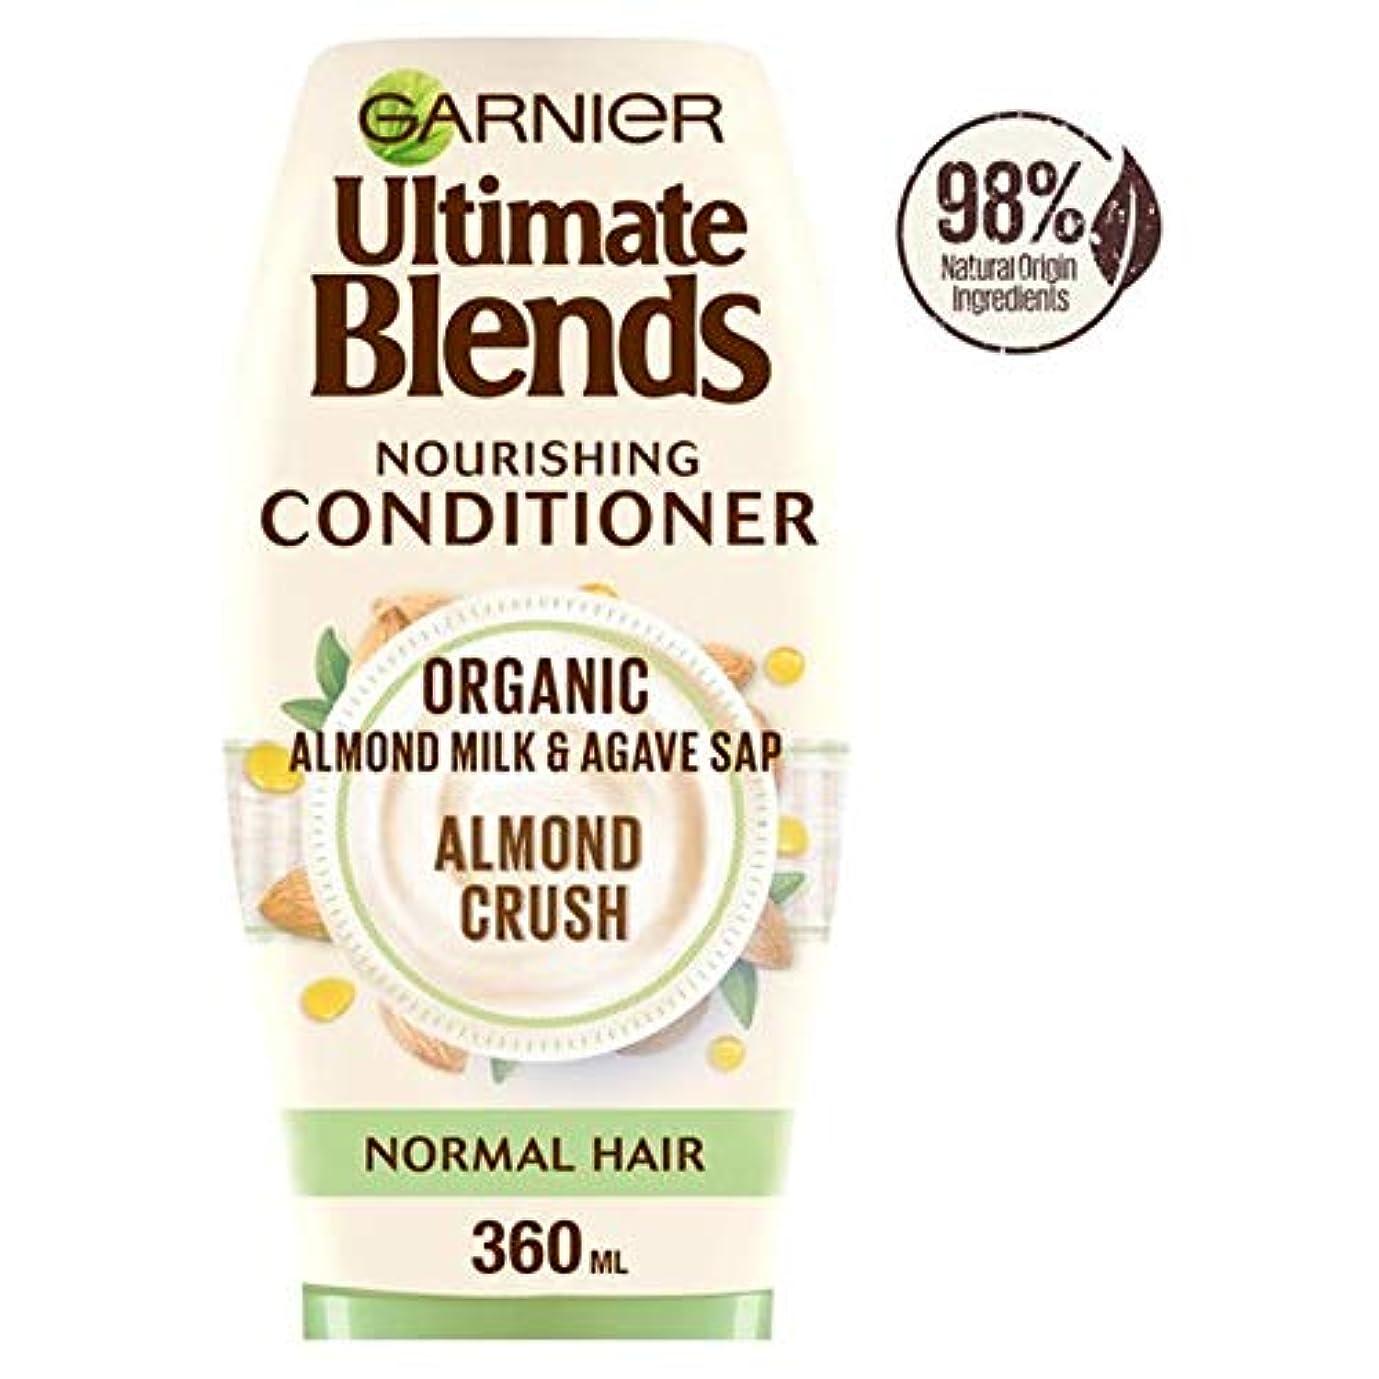 故意の引用エキスパート[Ultimate Blends ] ガルニエ究極は、アーモンドミルク、通常のヘアコンディショナー360ミリリットルをブレンド - Garnier Ultimate Blends Almond Milk Normal Hair...